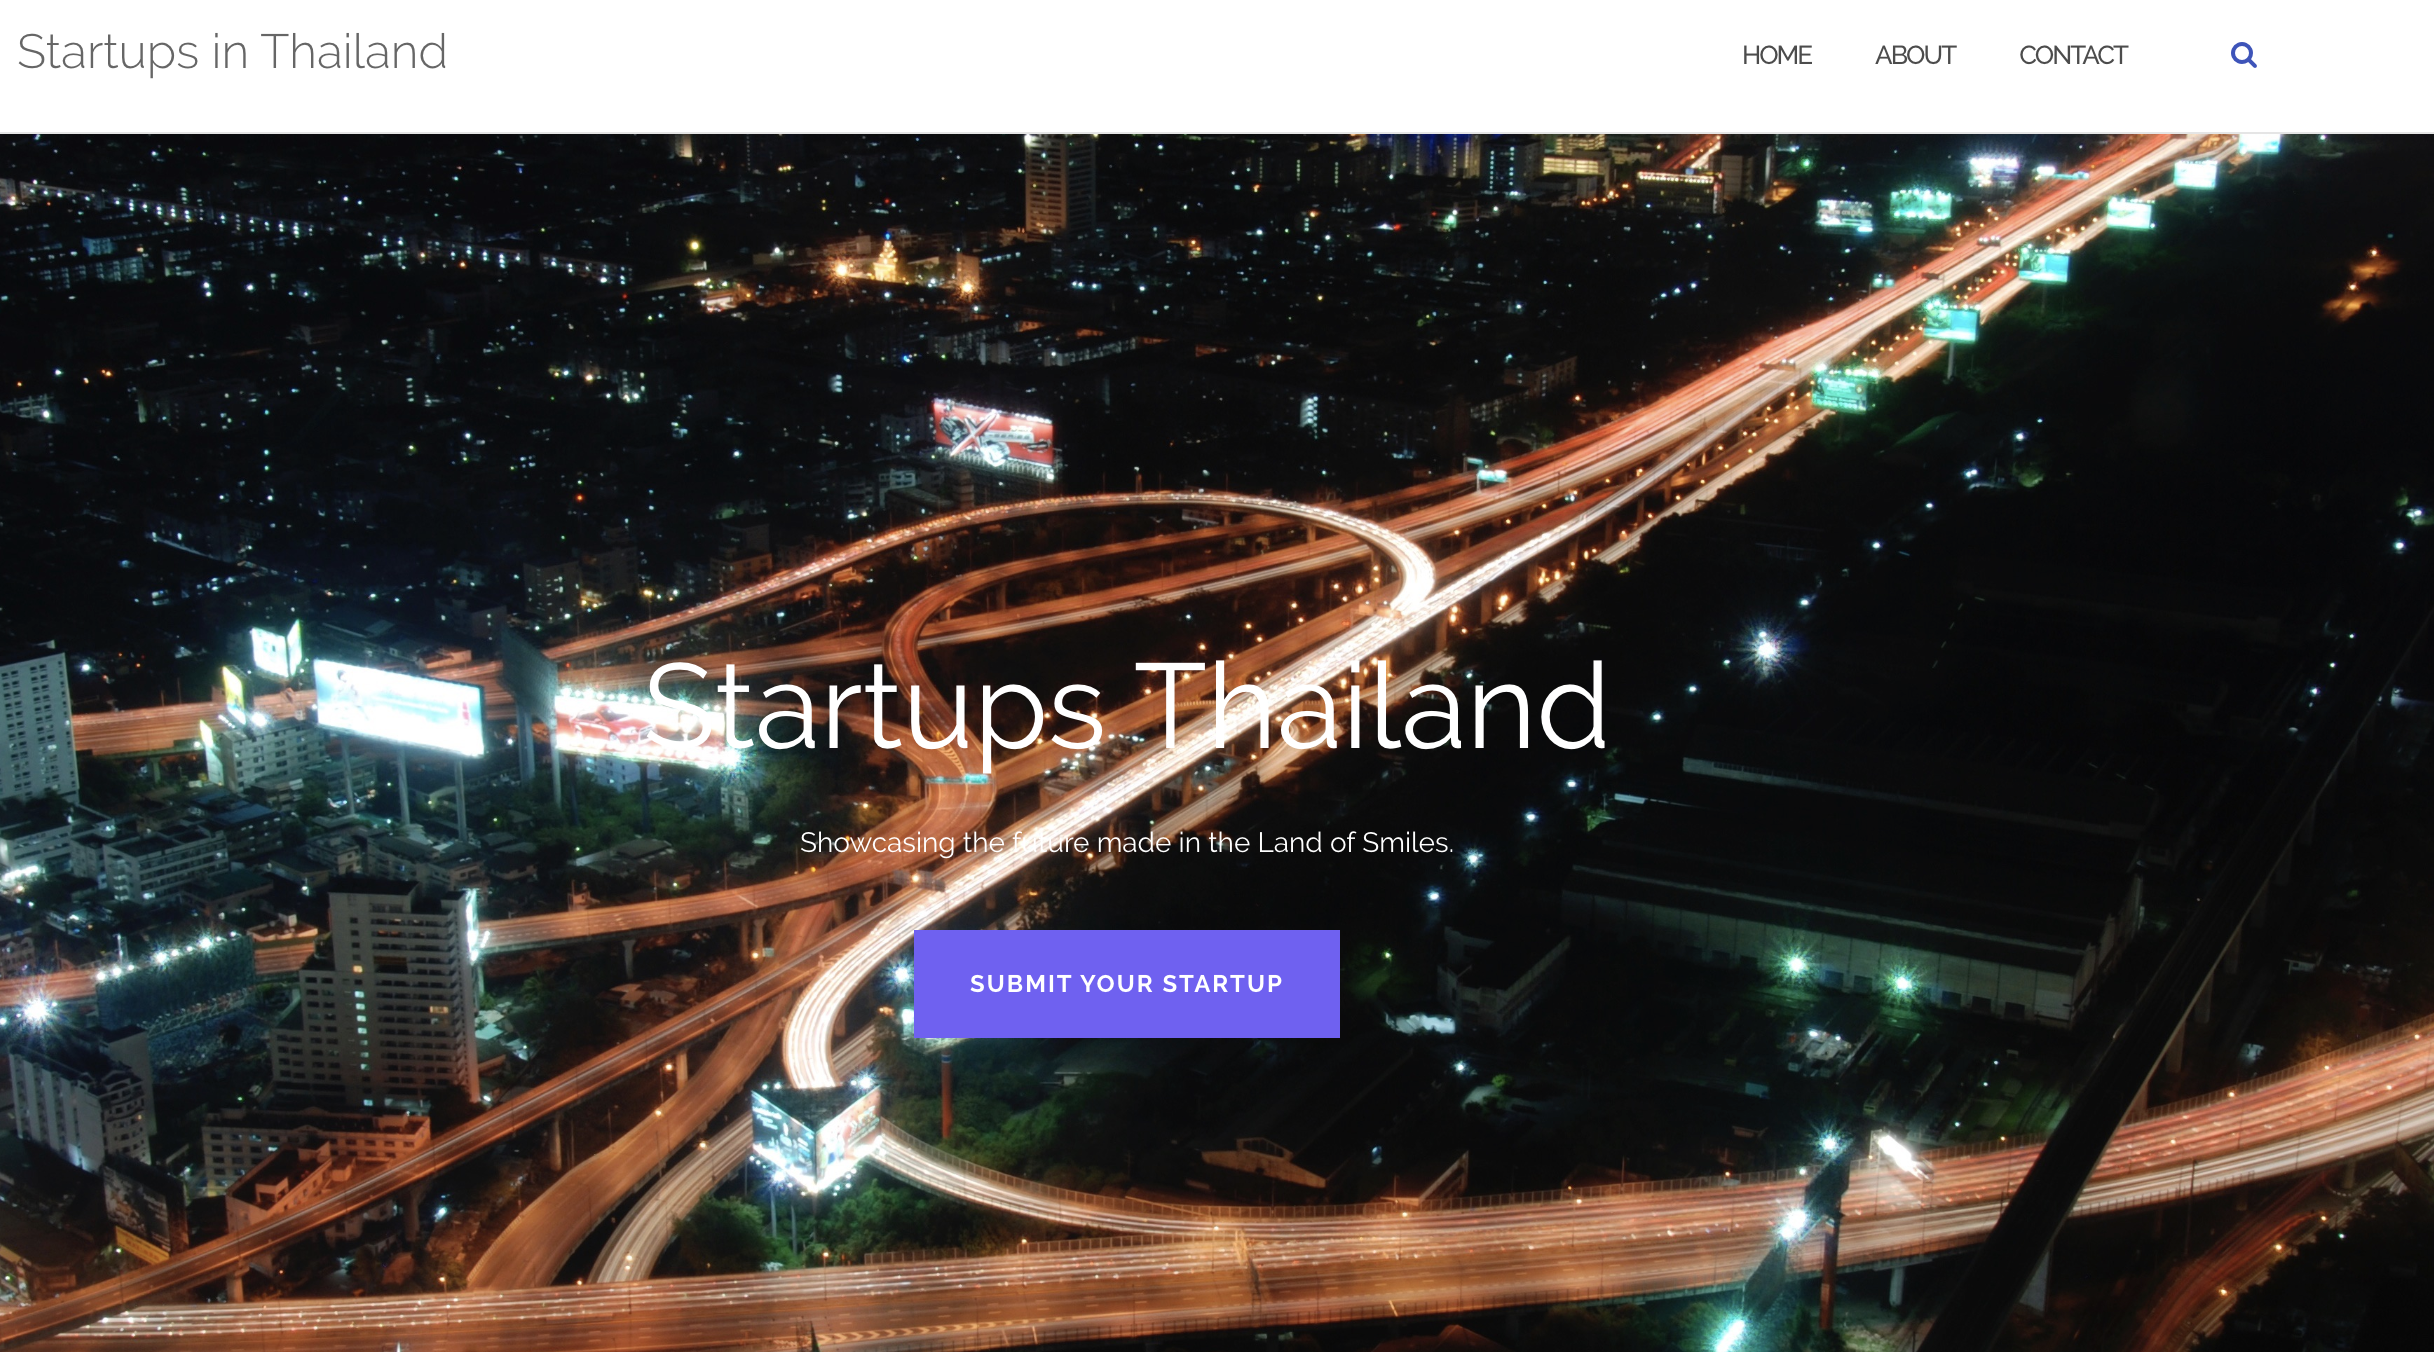 startups thailand